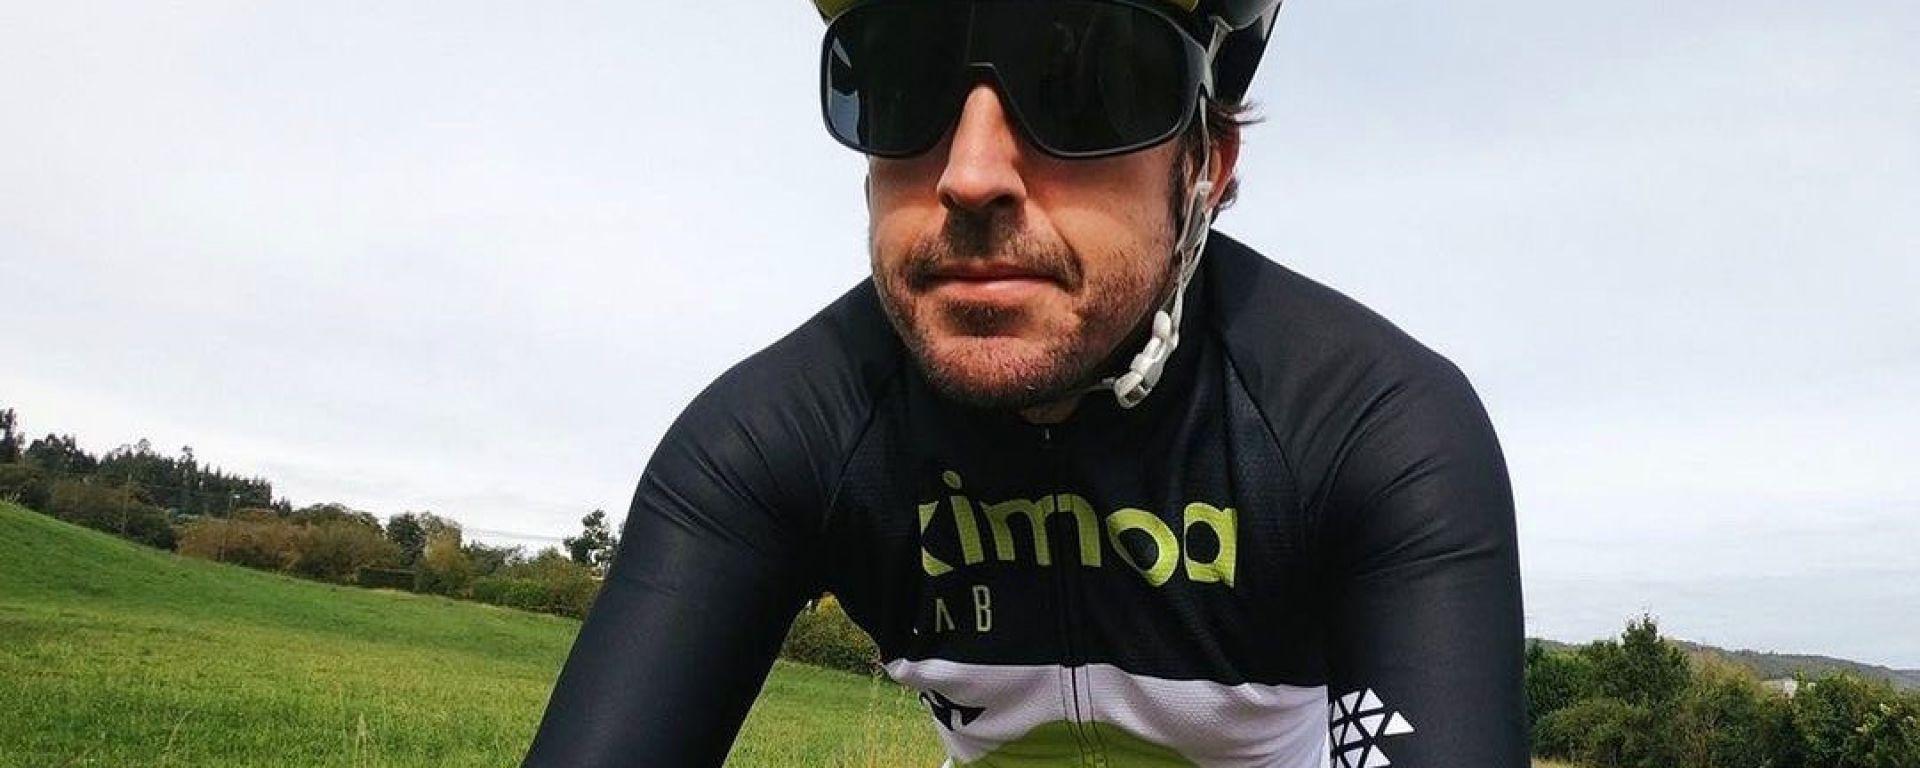 Fernando Alonso in bici | Foto: Instagram @FernandoAlo_Oficial